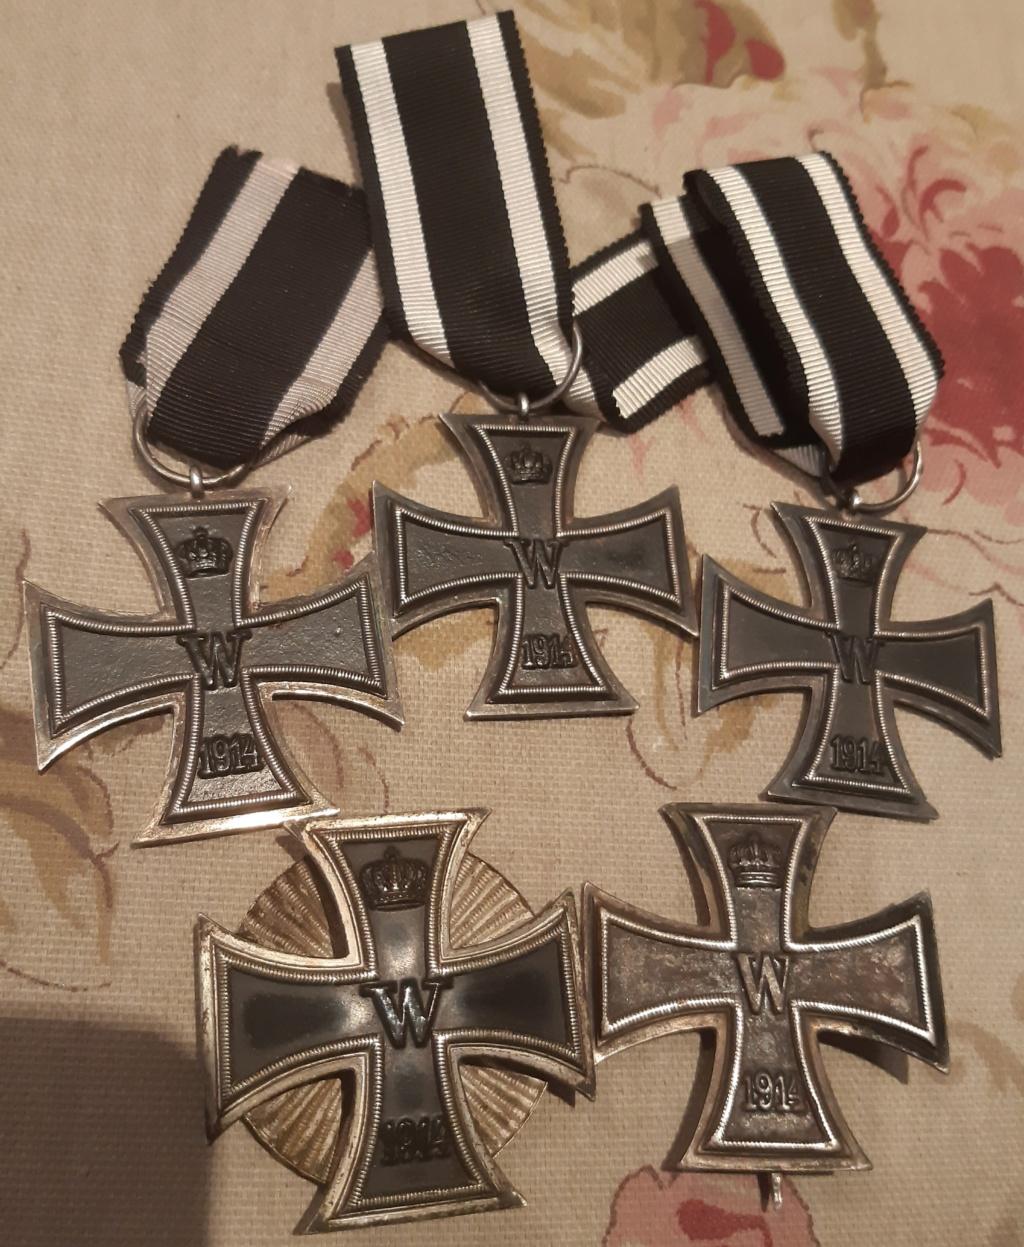 Croix de fer 1 gm;plaques de casque et boucles de ceinturon  20200112